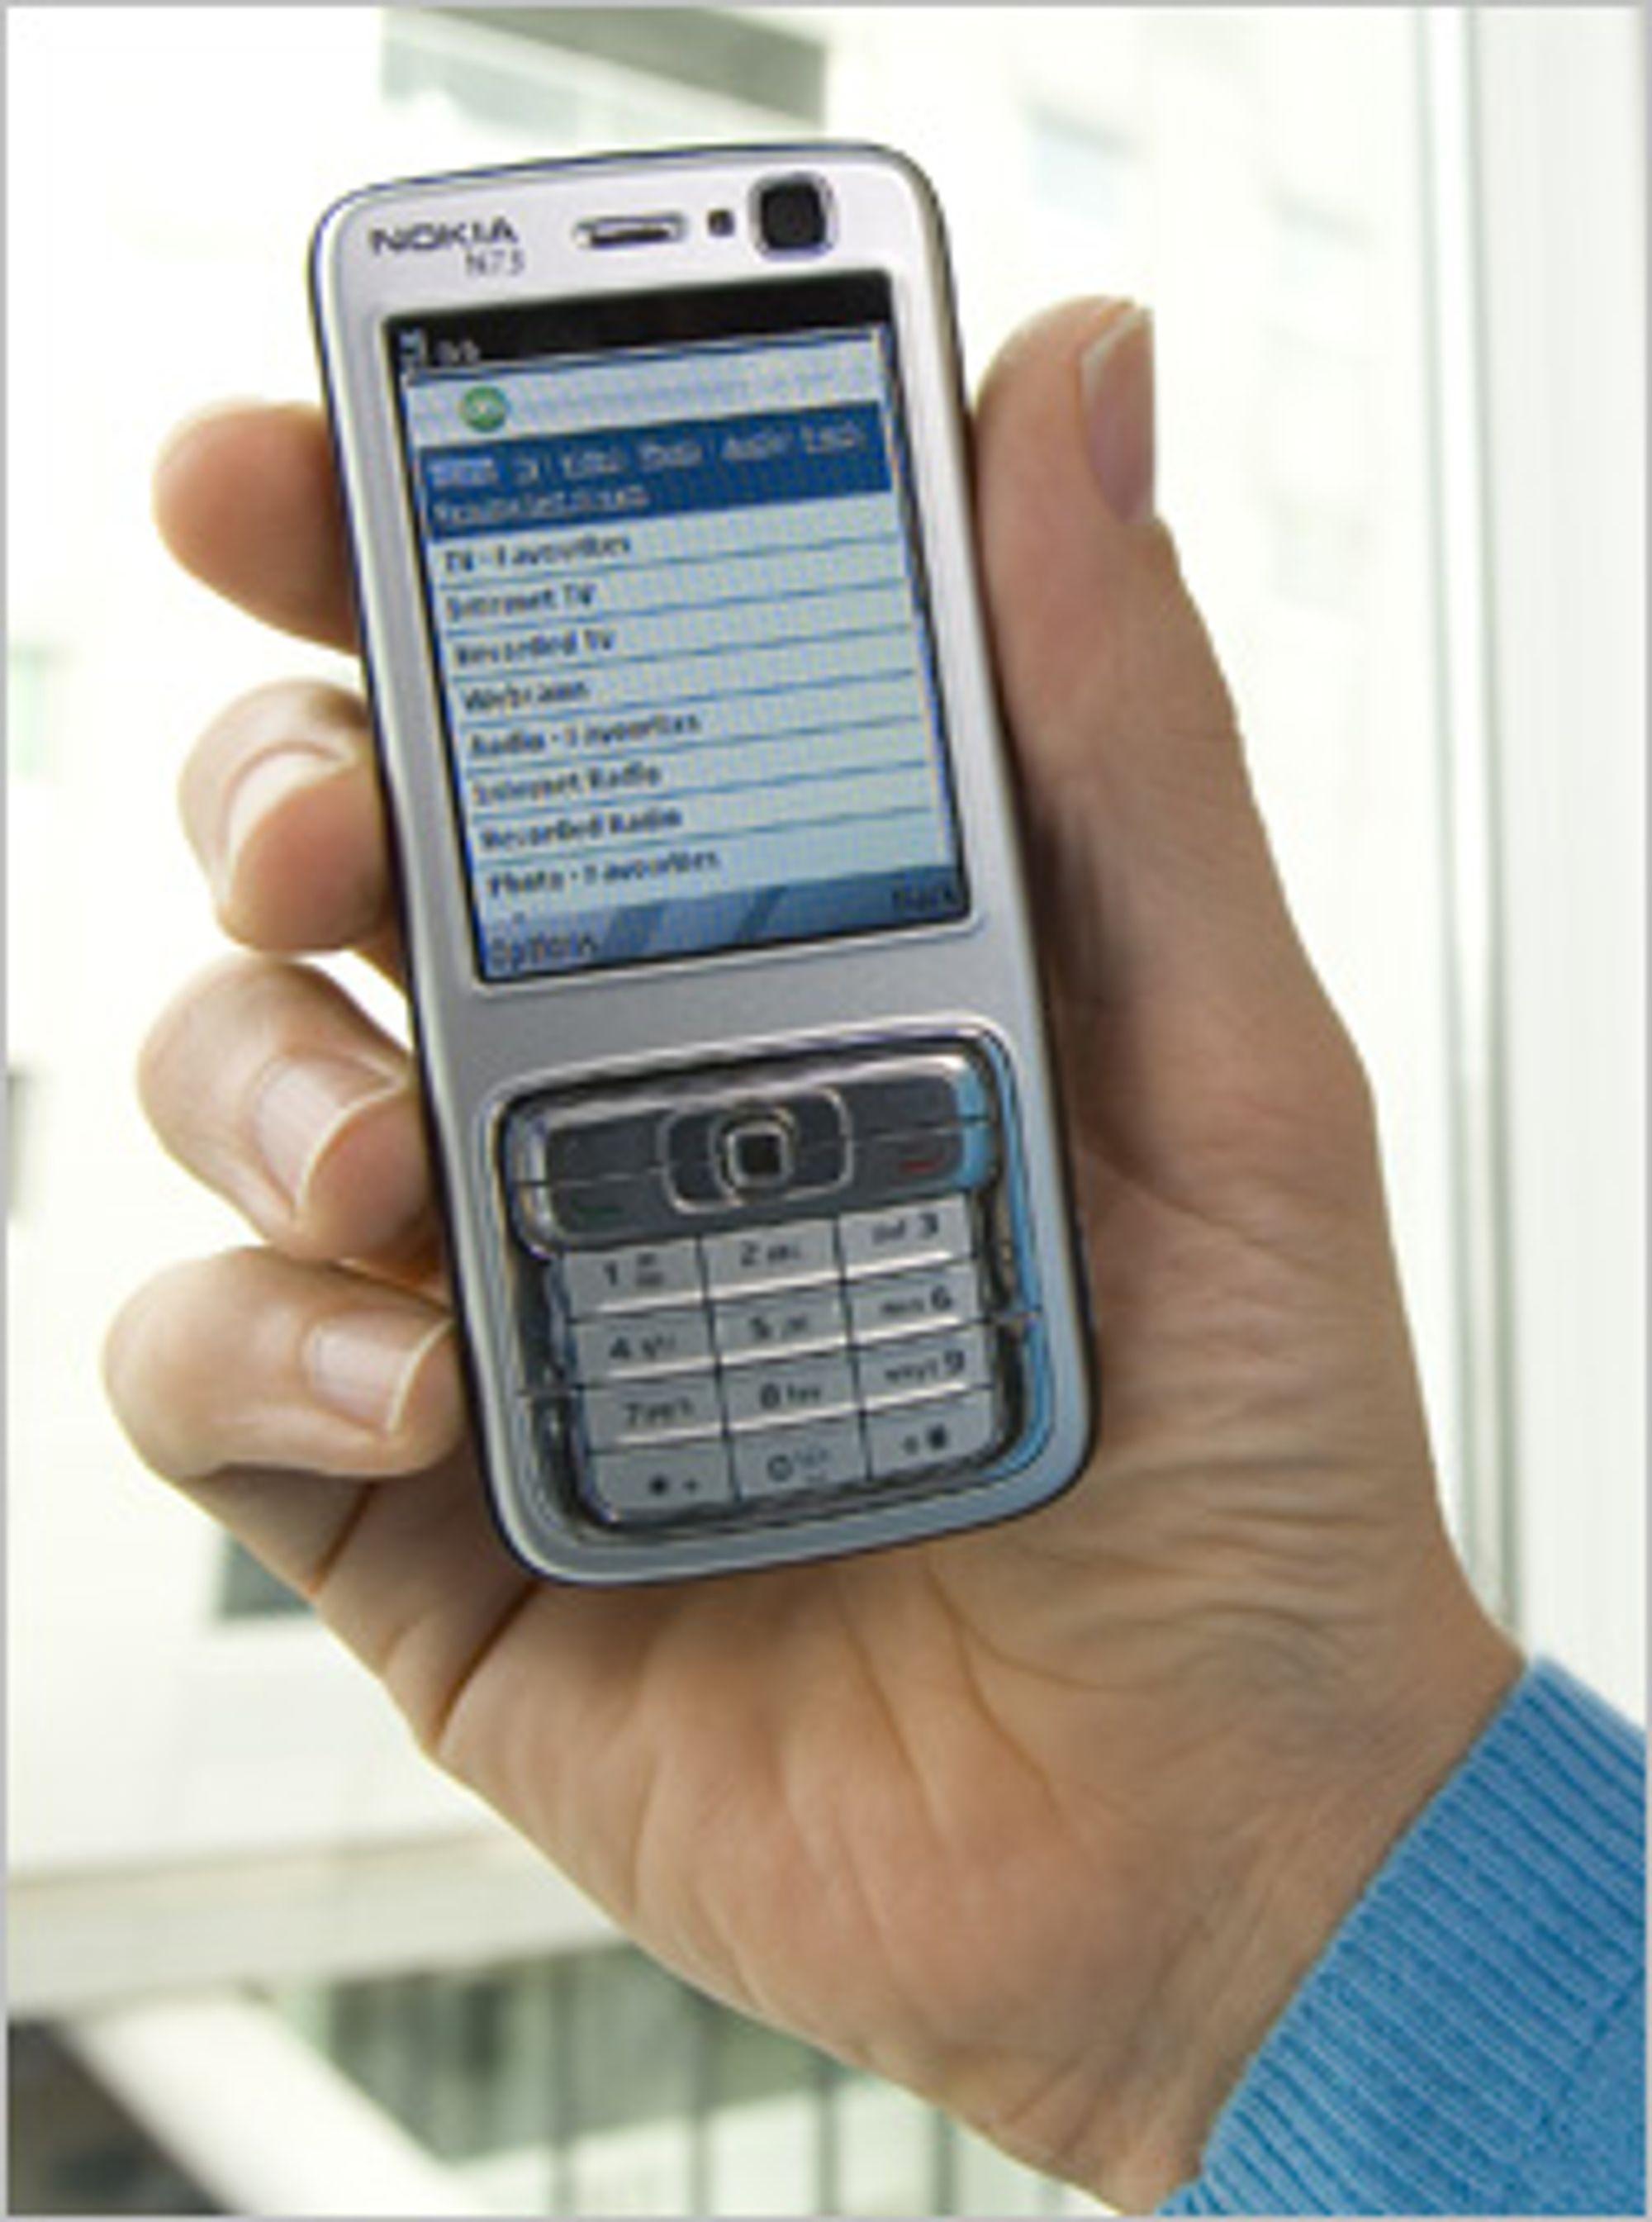 Tjenesten Orb henter PC-filer til mobilen (Alle foto: 3)